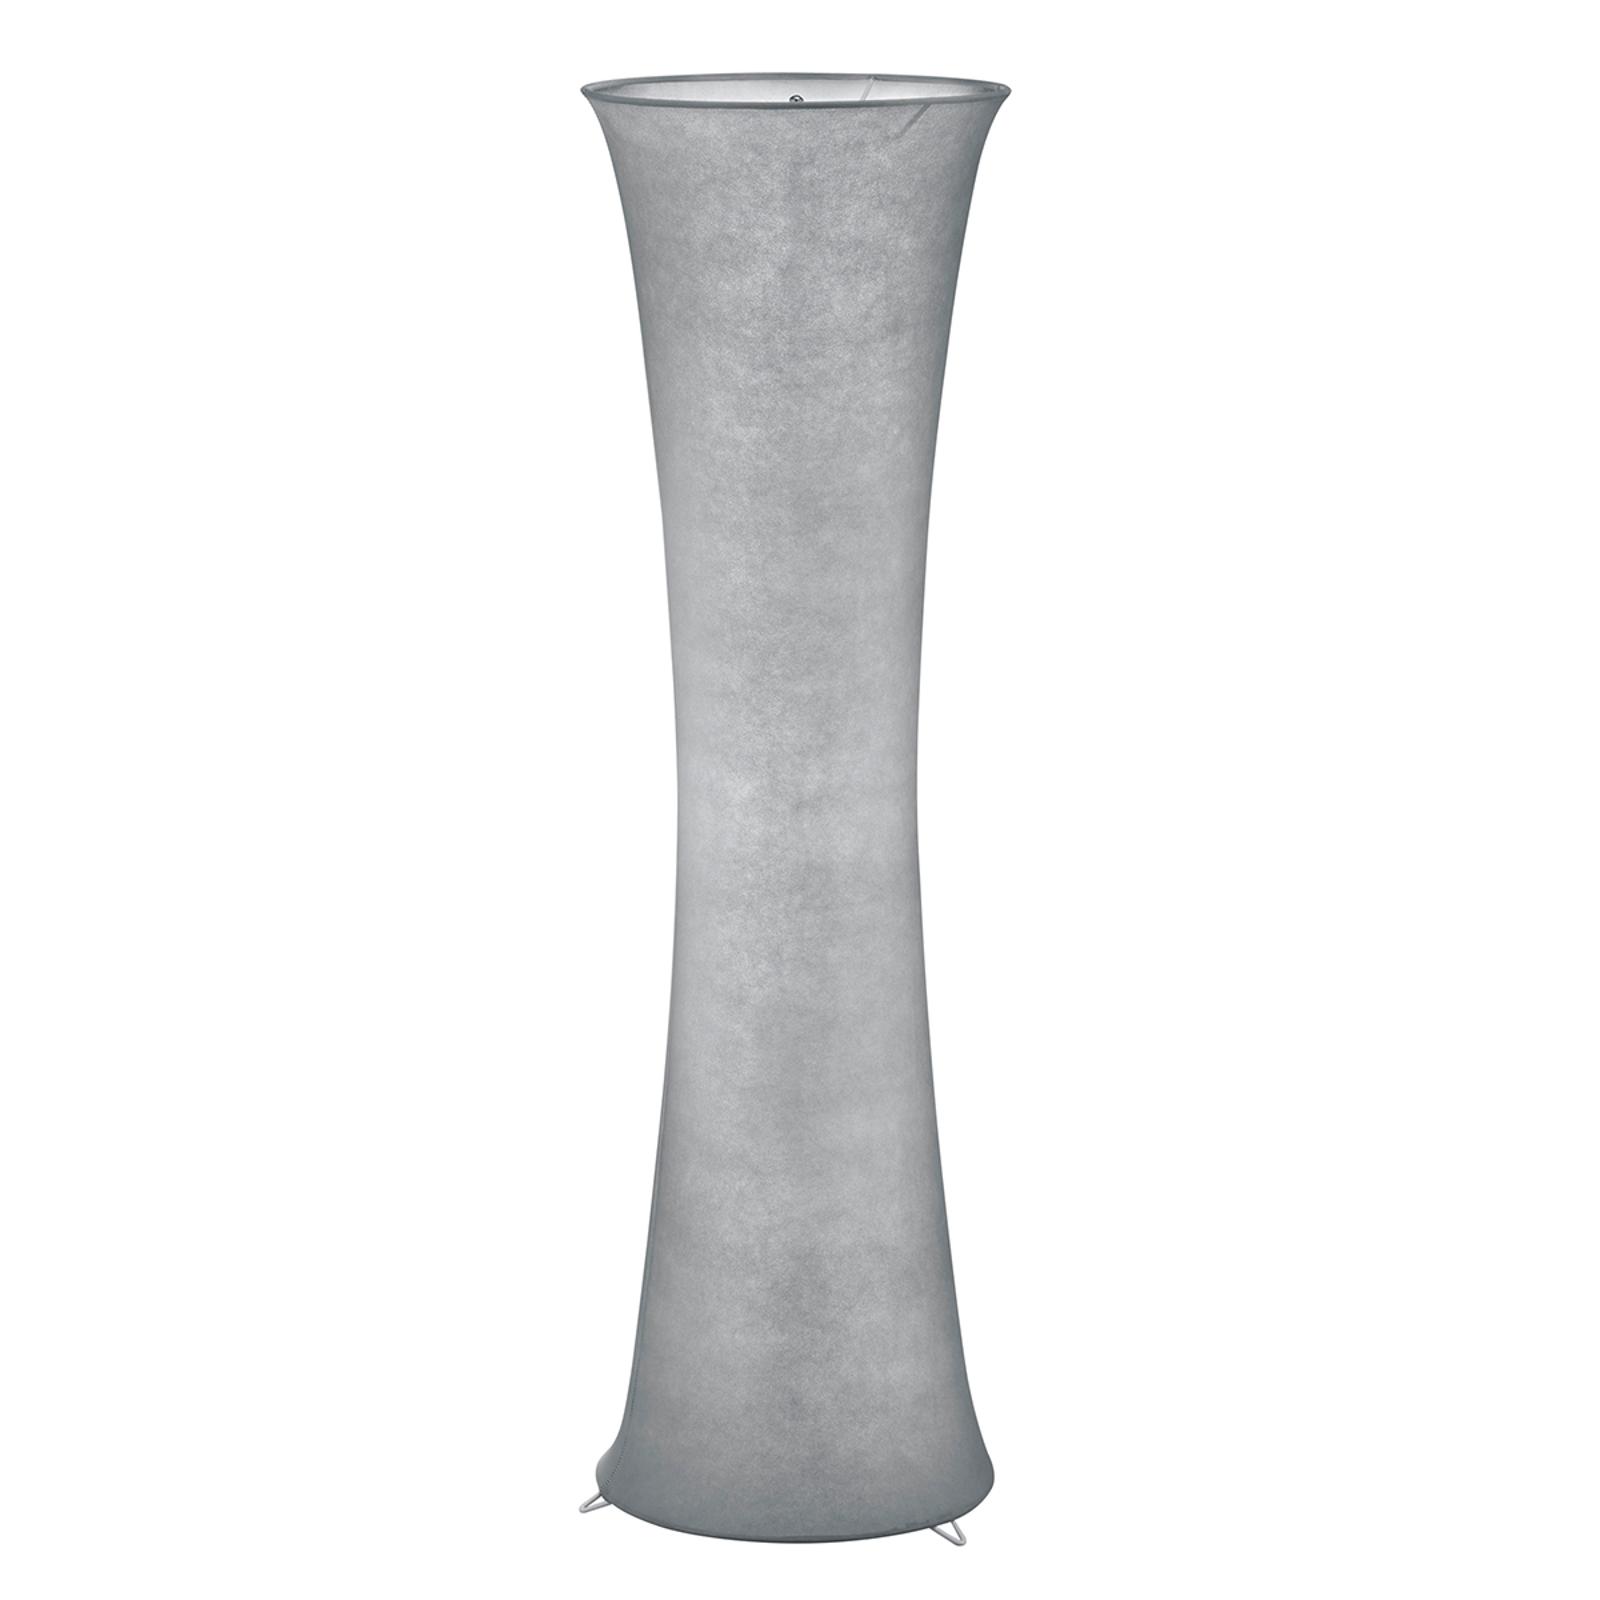 Nastrojowa płócienna lampa stojąca Gravis, szara